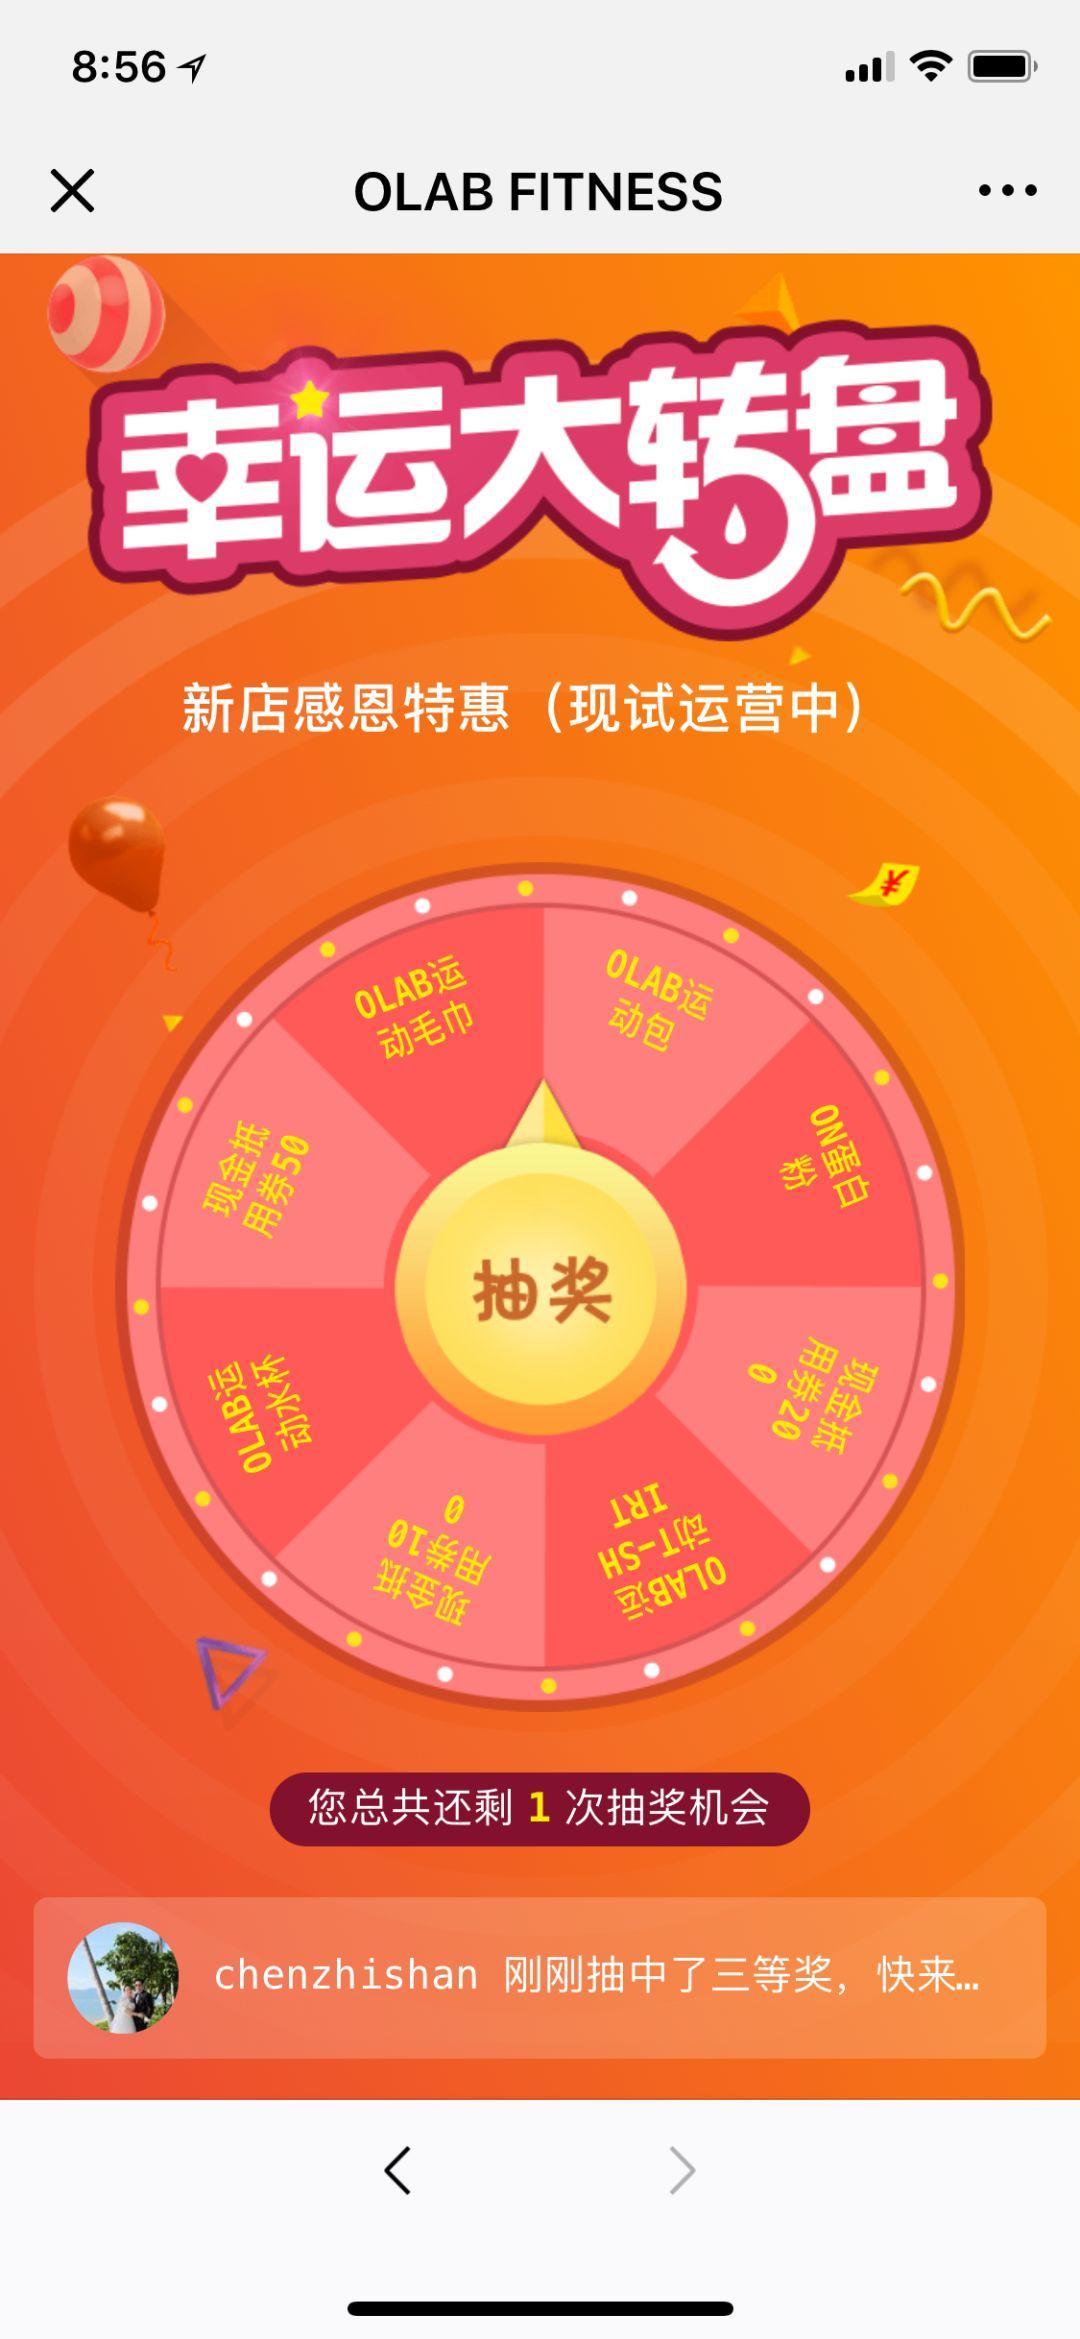 上海400平新店100万营收!原来靠这些营销手段